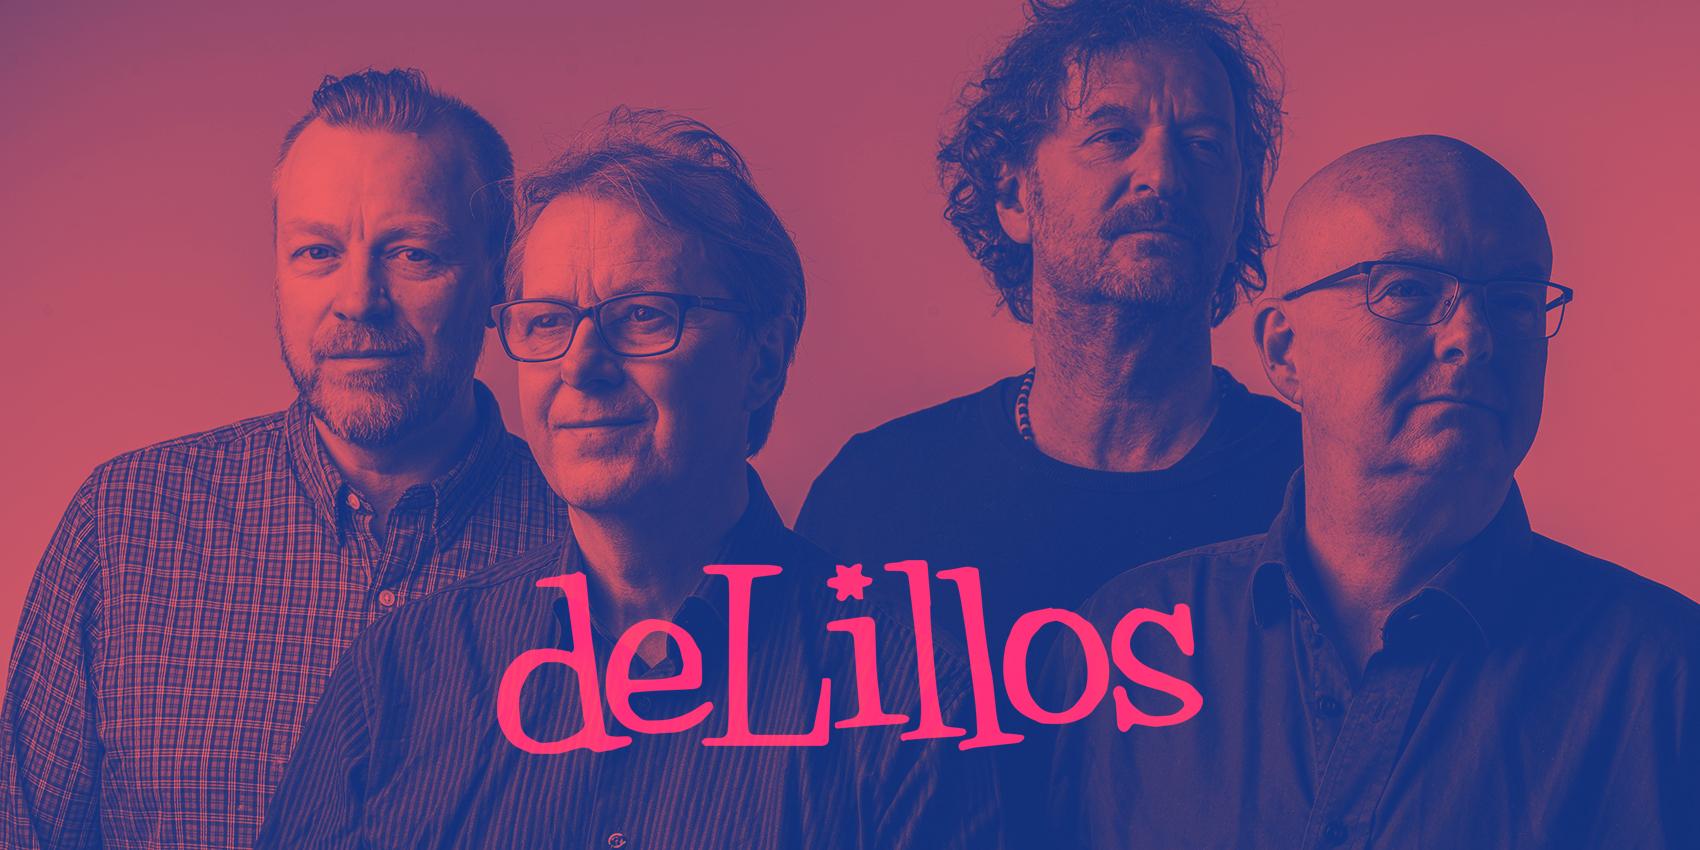 DeLillos